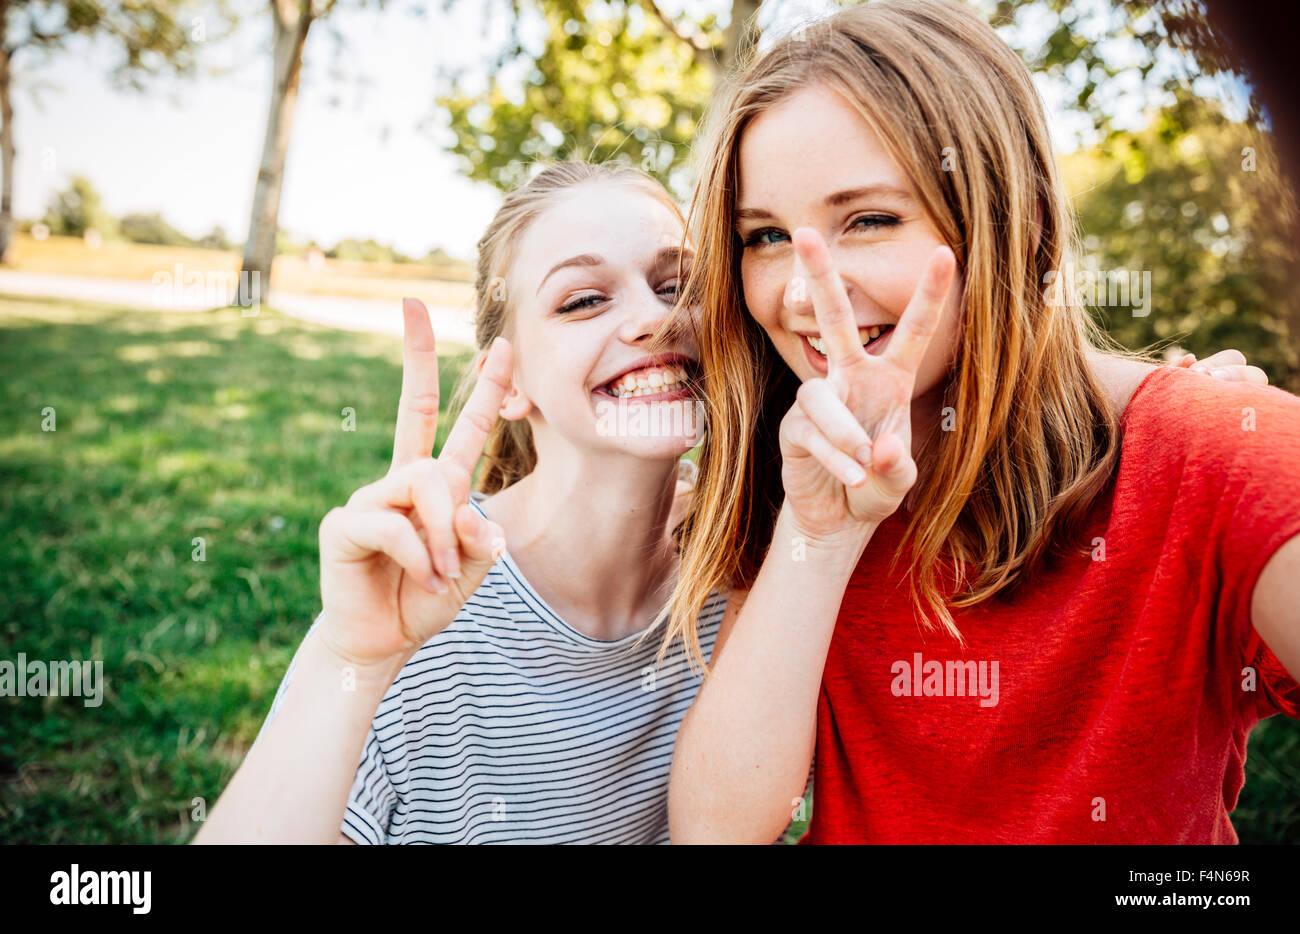 Deux adolescentes ludique faisant signe de victoire Photo Stock